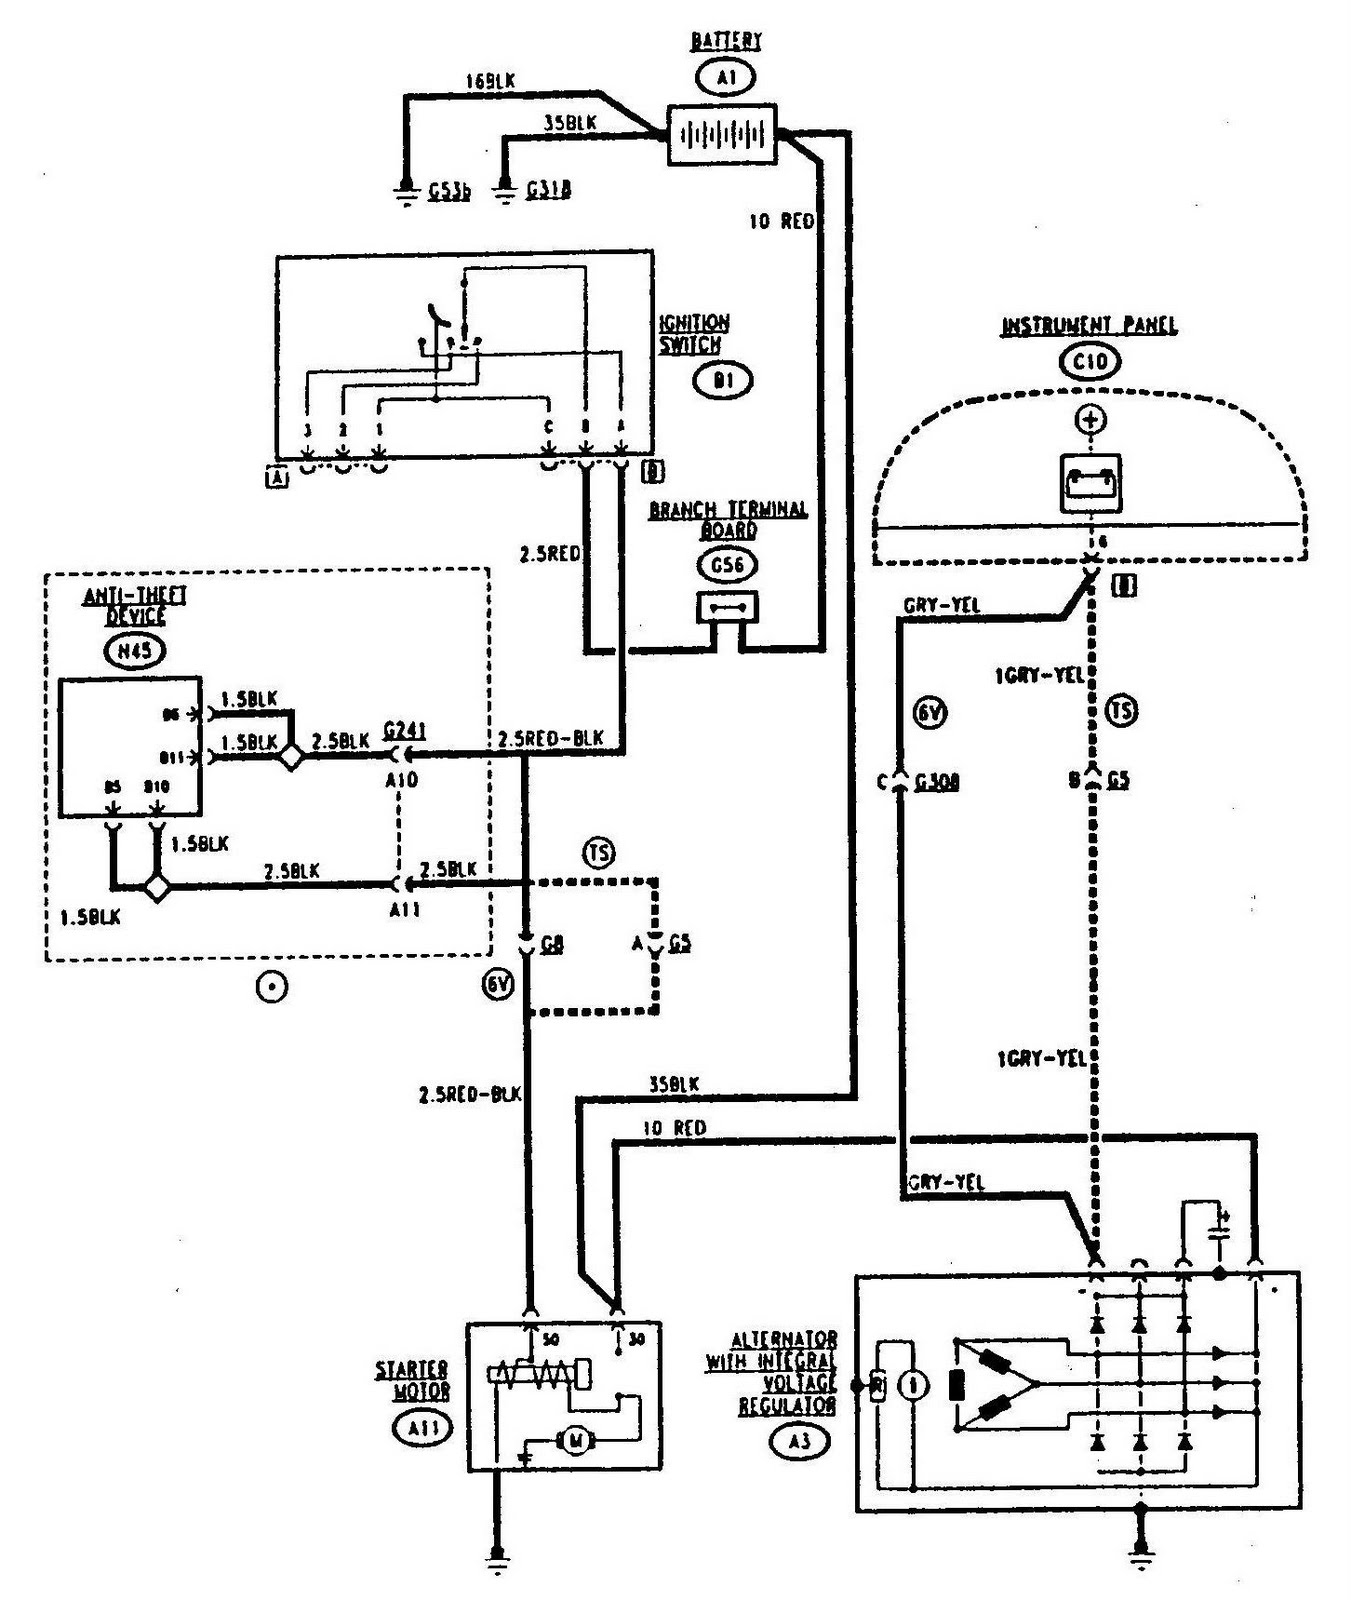 alfa romeo 155 starting and charging circuit diagram [ 1351 x 1600 Pixel ]